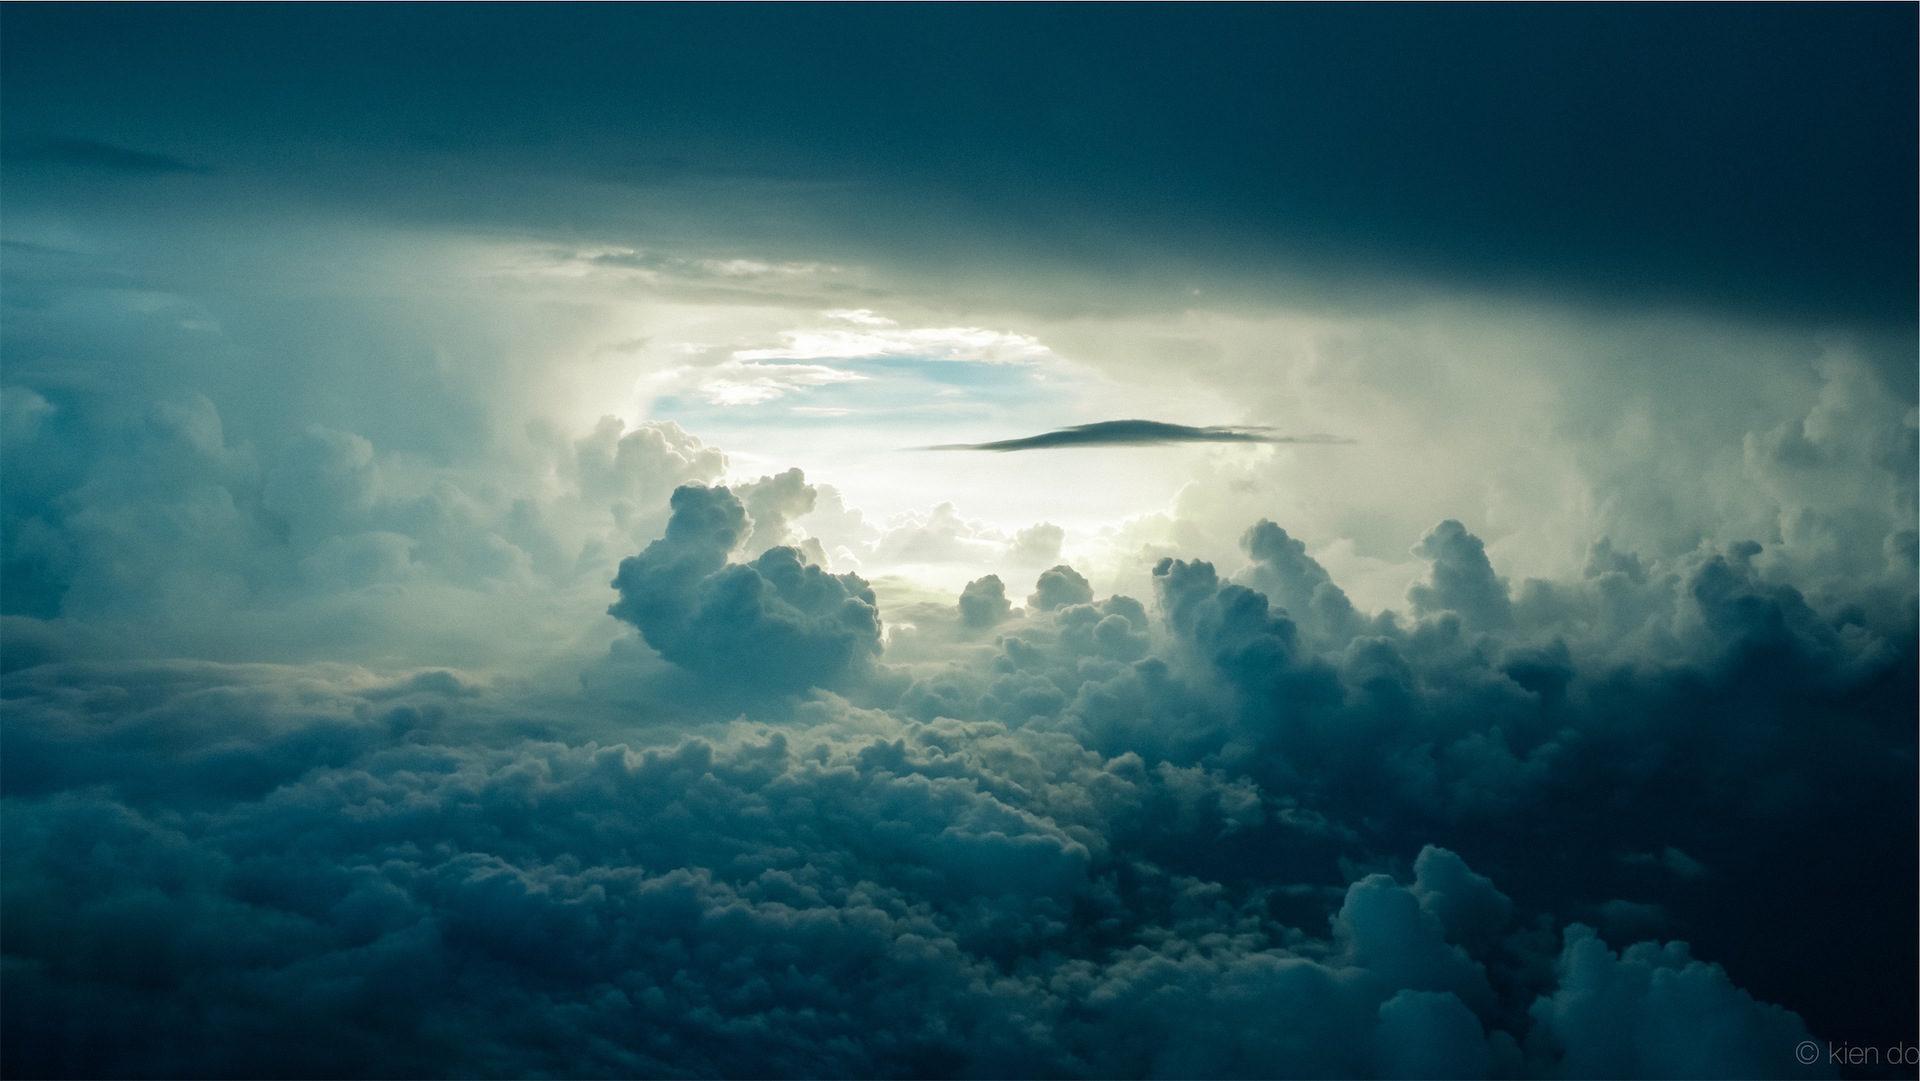 облака, Небо, Формы, Конечно, свет - Обои HD - Профессор falken.com